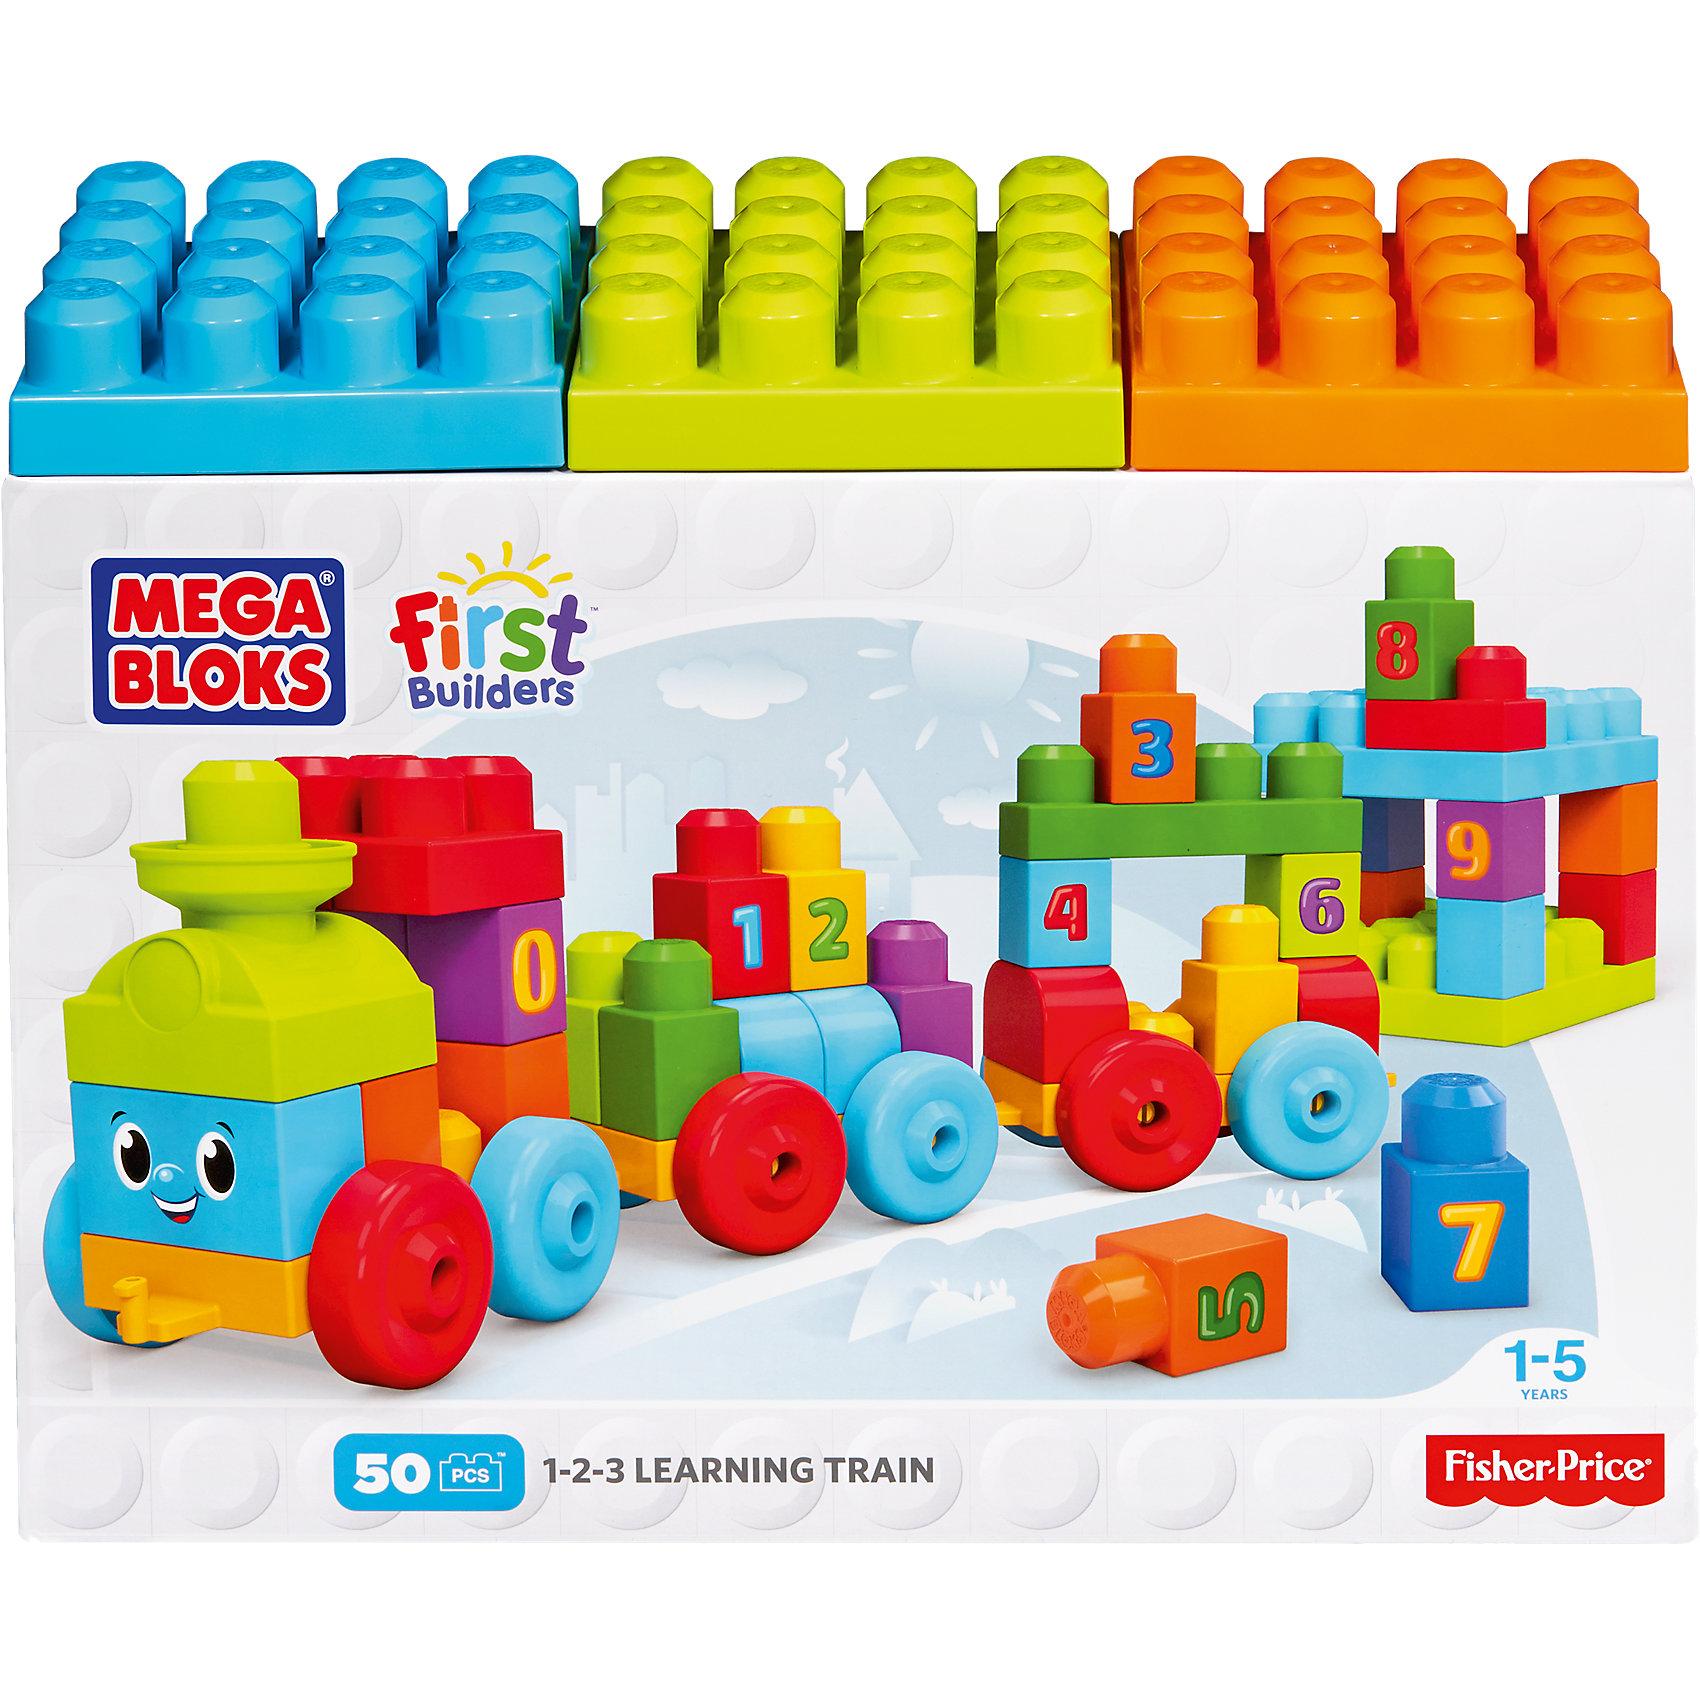 Обучающий поезд  First Builders, MEGA BLOKSЭтот конструктор приведет в восторг любого малыша! Из ярких деталей кроха сможет собрать паровозик и попробовать себя в роли машиниста. В комплекте есть пронумерованные кубики, так что теперь можно изучать арифметику играя! Цифры от 0 до 9 помогут научат малыша основам счета, а разноцветные паровозик обязательно поможет в этом! Элементы конструктора большие, имеют удобные крепления, идеально подходящие для маленьких детских ручек. Конструирование прекрасно развивает мелкую моторику, цветовосприятие, внимание, фантазию, образное и пространственное мышление. Все детали набора выполнены из высококачественного пластика, с применением экологичных красителей безопасных для детей. <br><br>Дополнительная информация:<br><br>- Материал: пластик.<br>- Количество деталей: 50 шт.<br>- Размер: 15х12х5 см.<br>- Конструктор совместим с наборами Mega Bloks First Builders.<br><br>Обучающий поезд  First Builders, MEGA BLOKS (Мега блок) можно купить в нашем магазине.<br><br>Ширина мм: 391<br>Глубина мм: 297<br>Высота мм: 131<br>Вес г: 1060<br>Возраст от месяцев: 12<br>Возраст до месяцев: 36<br>Пол: Унисекс<br>Возраст: Детский<br>SKU: 4592663